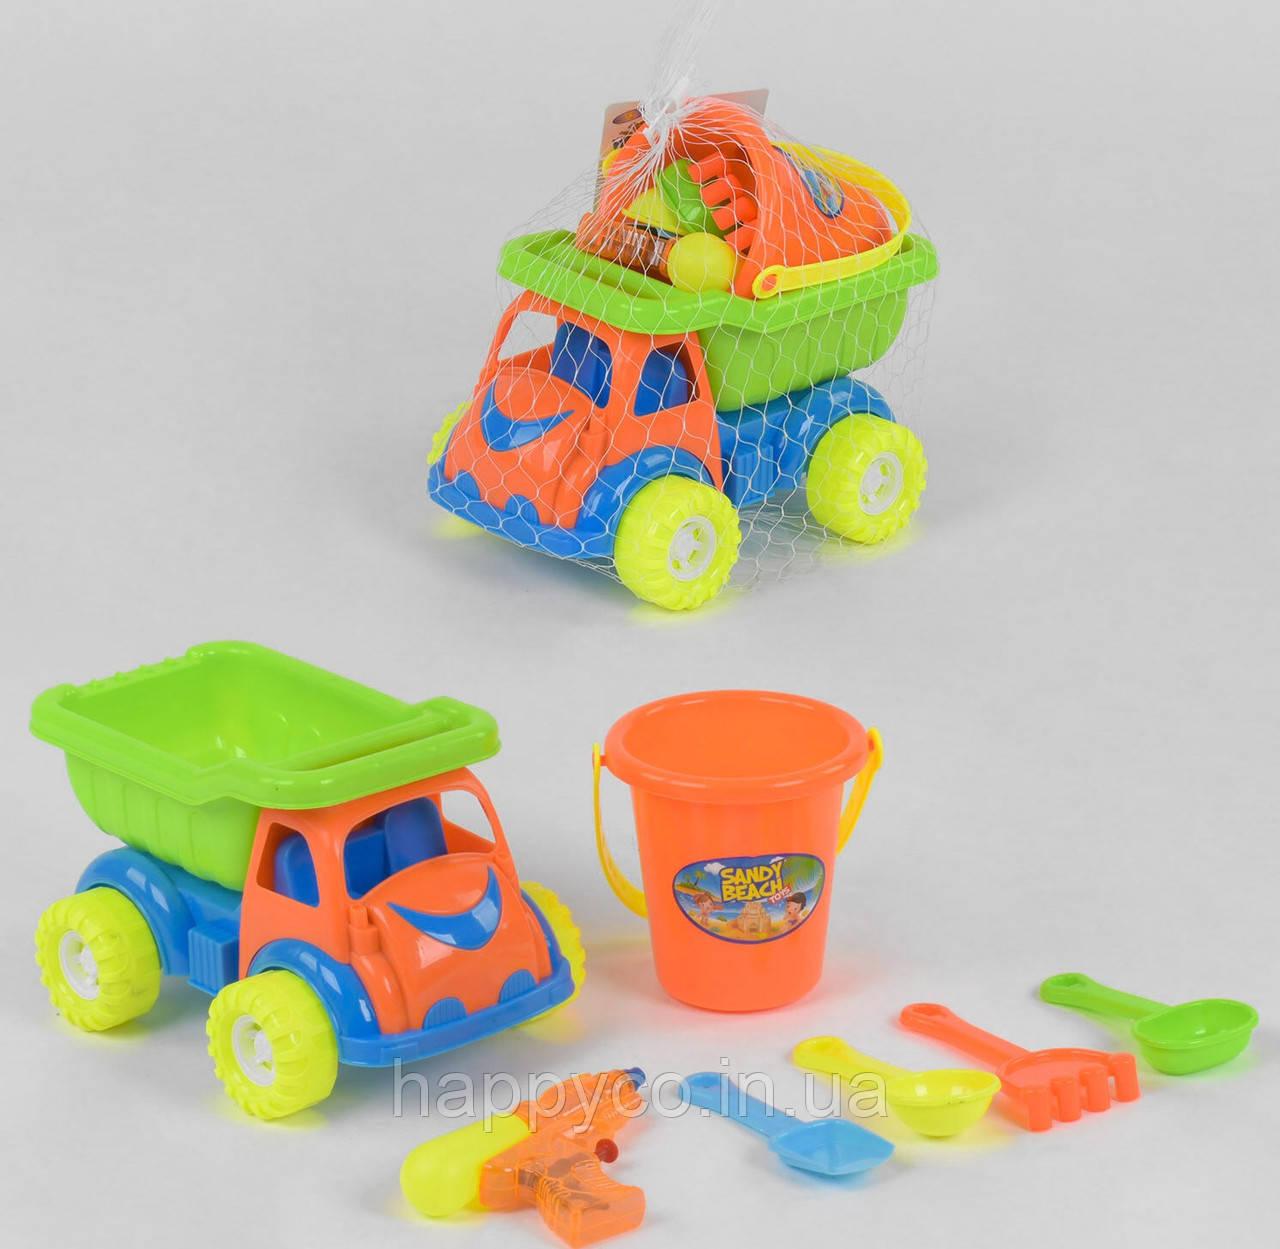 Машинка с пасочками, детский набор для песка